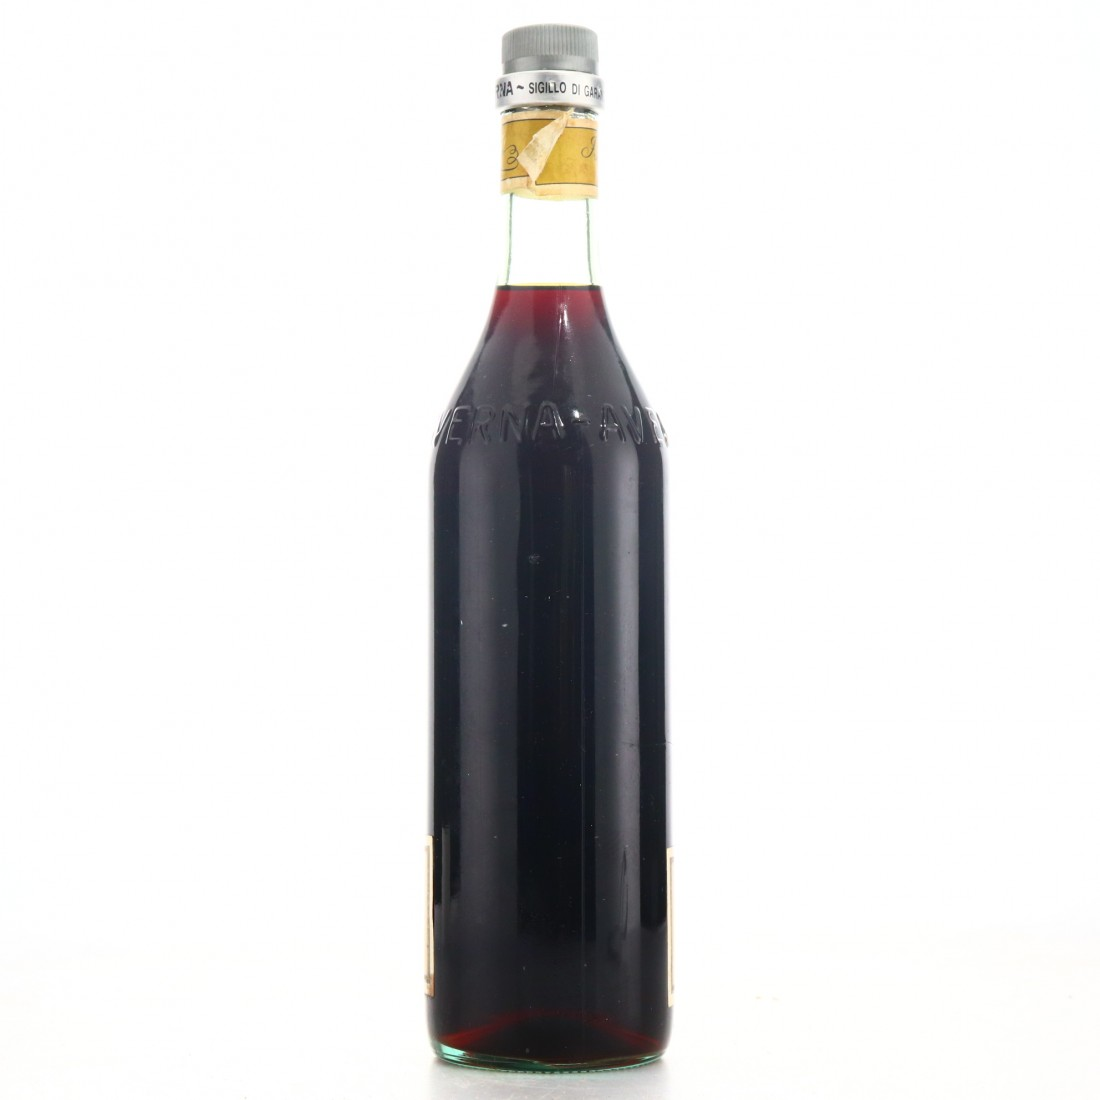 Averna Amaro Siciliano 1970s